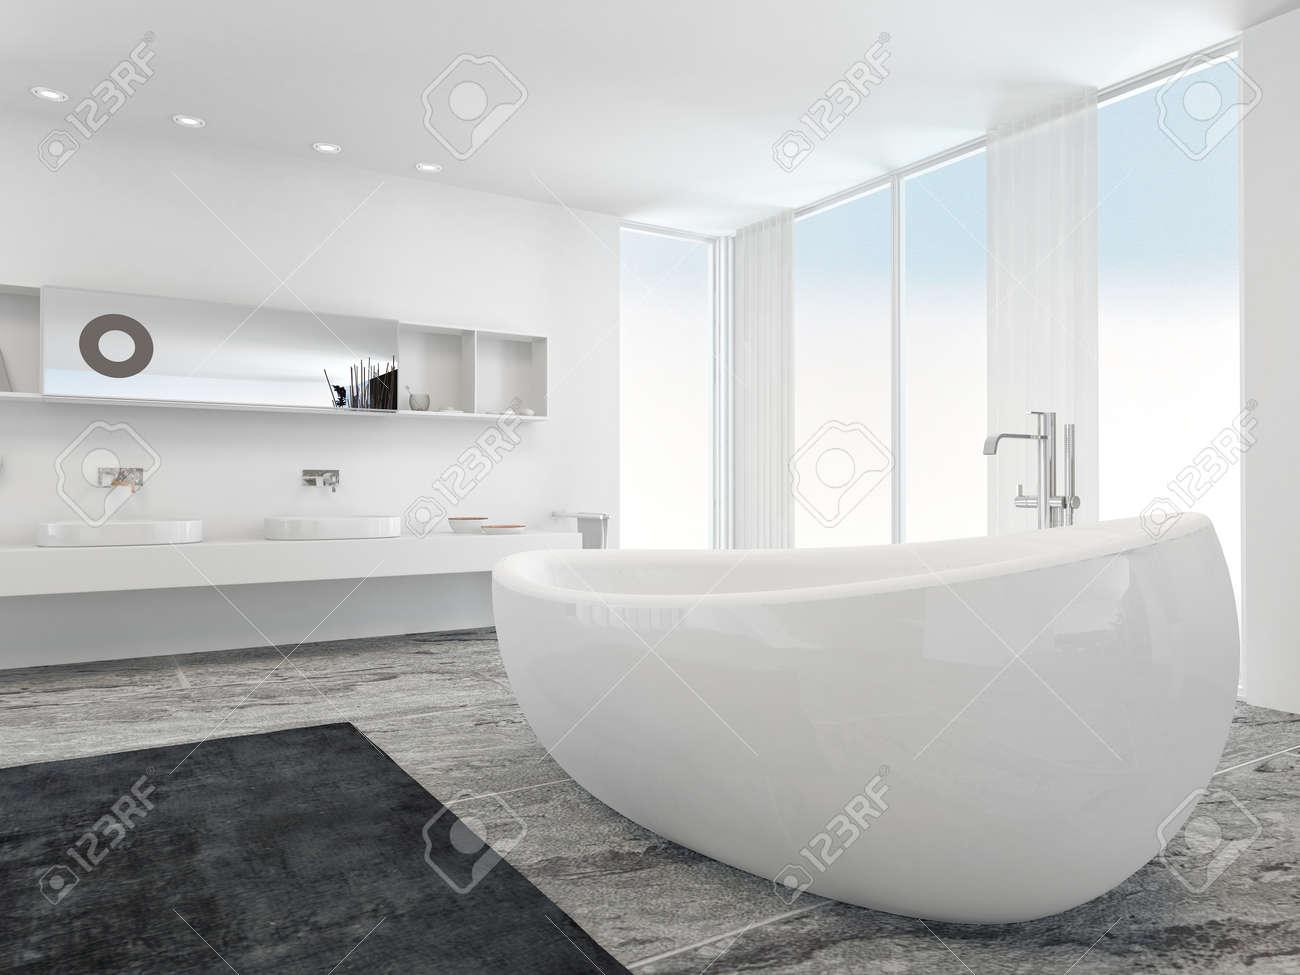 archivio fotografico molto spazioso luminoso bagno moderno degli interni con finestre dal pavimento al soffitto di vetro piatto su due lati e una parete a